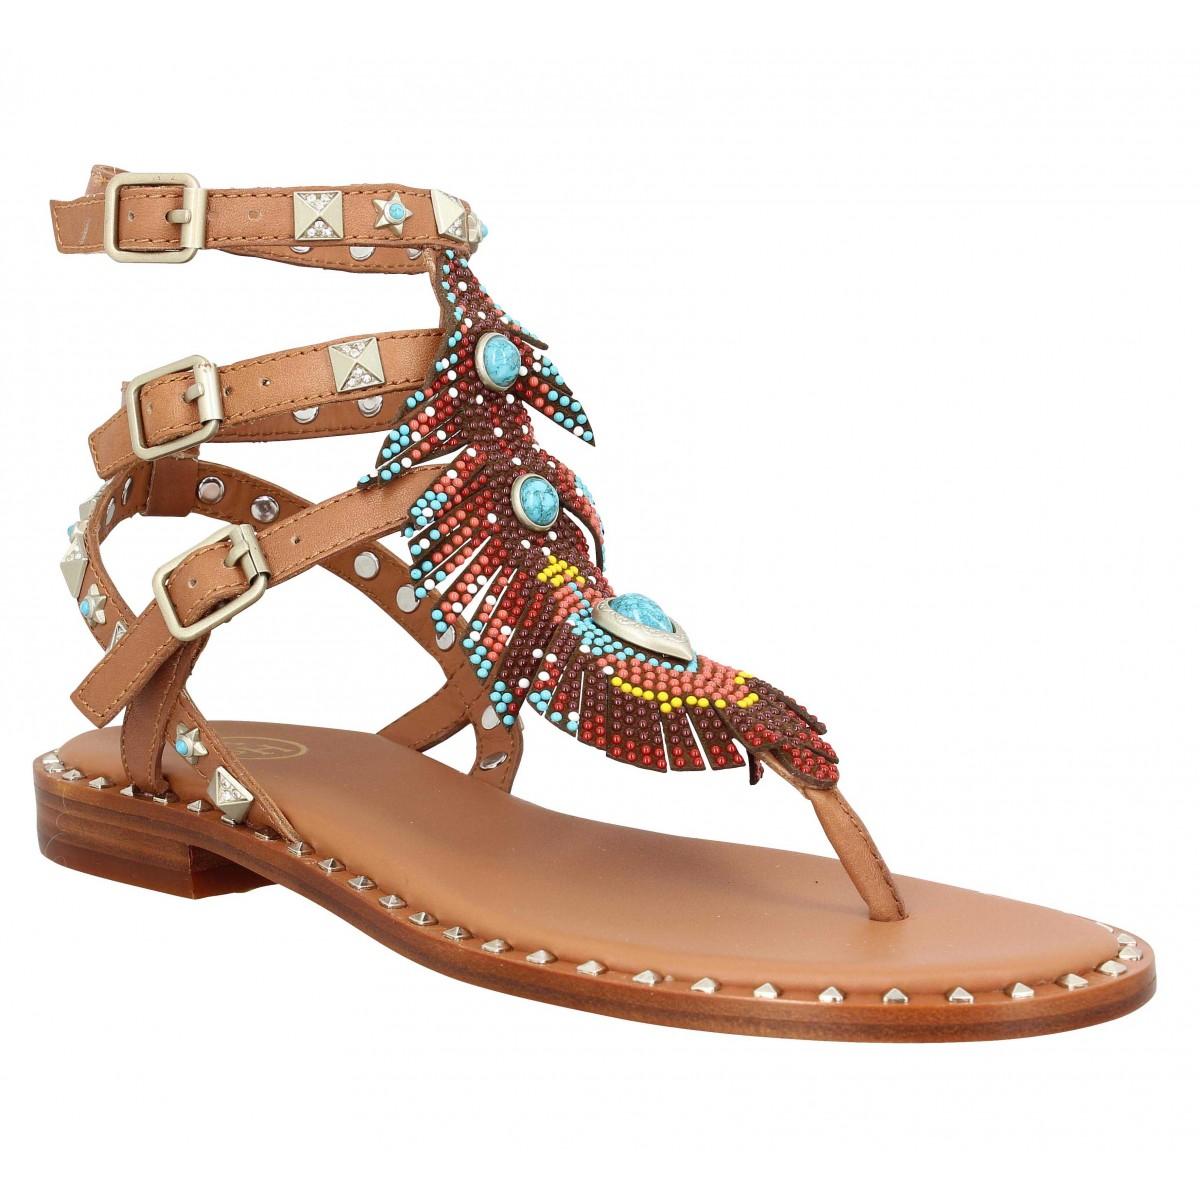 Nu-pieds ASH Pandora cuir Femme Tan